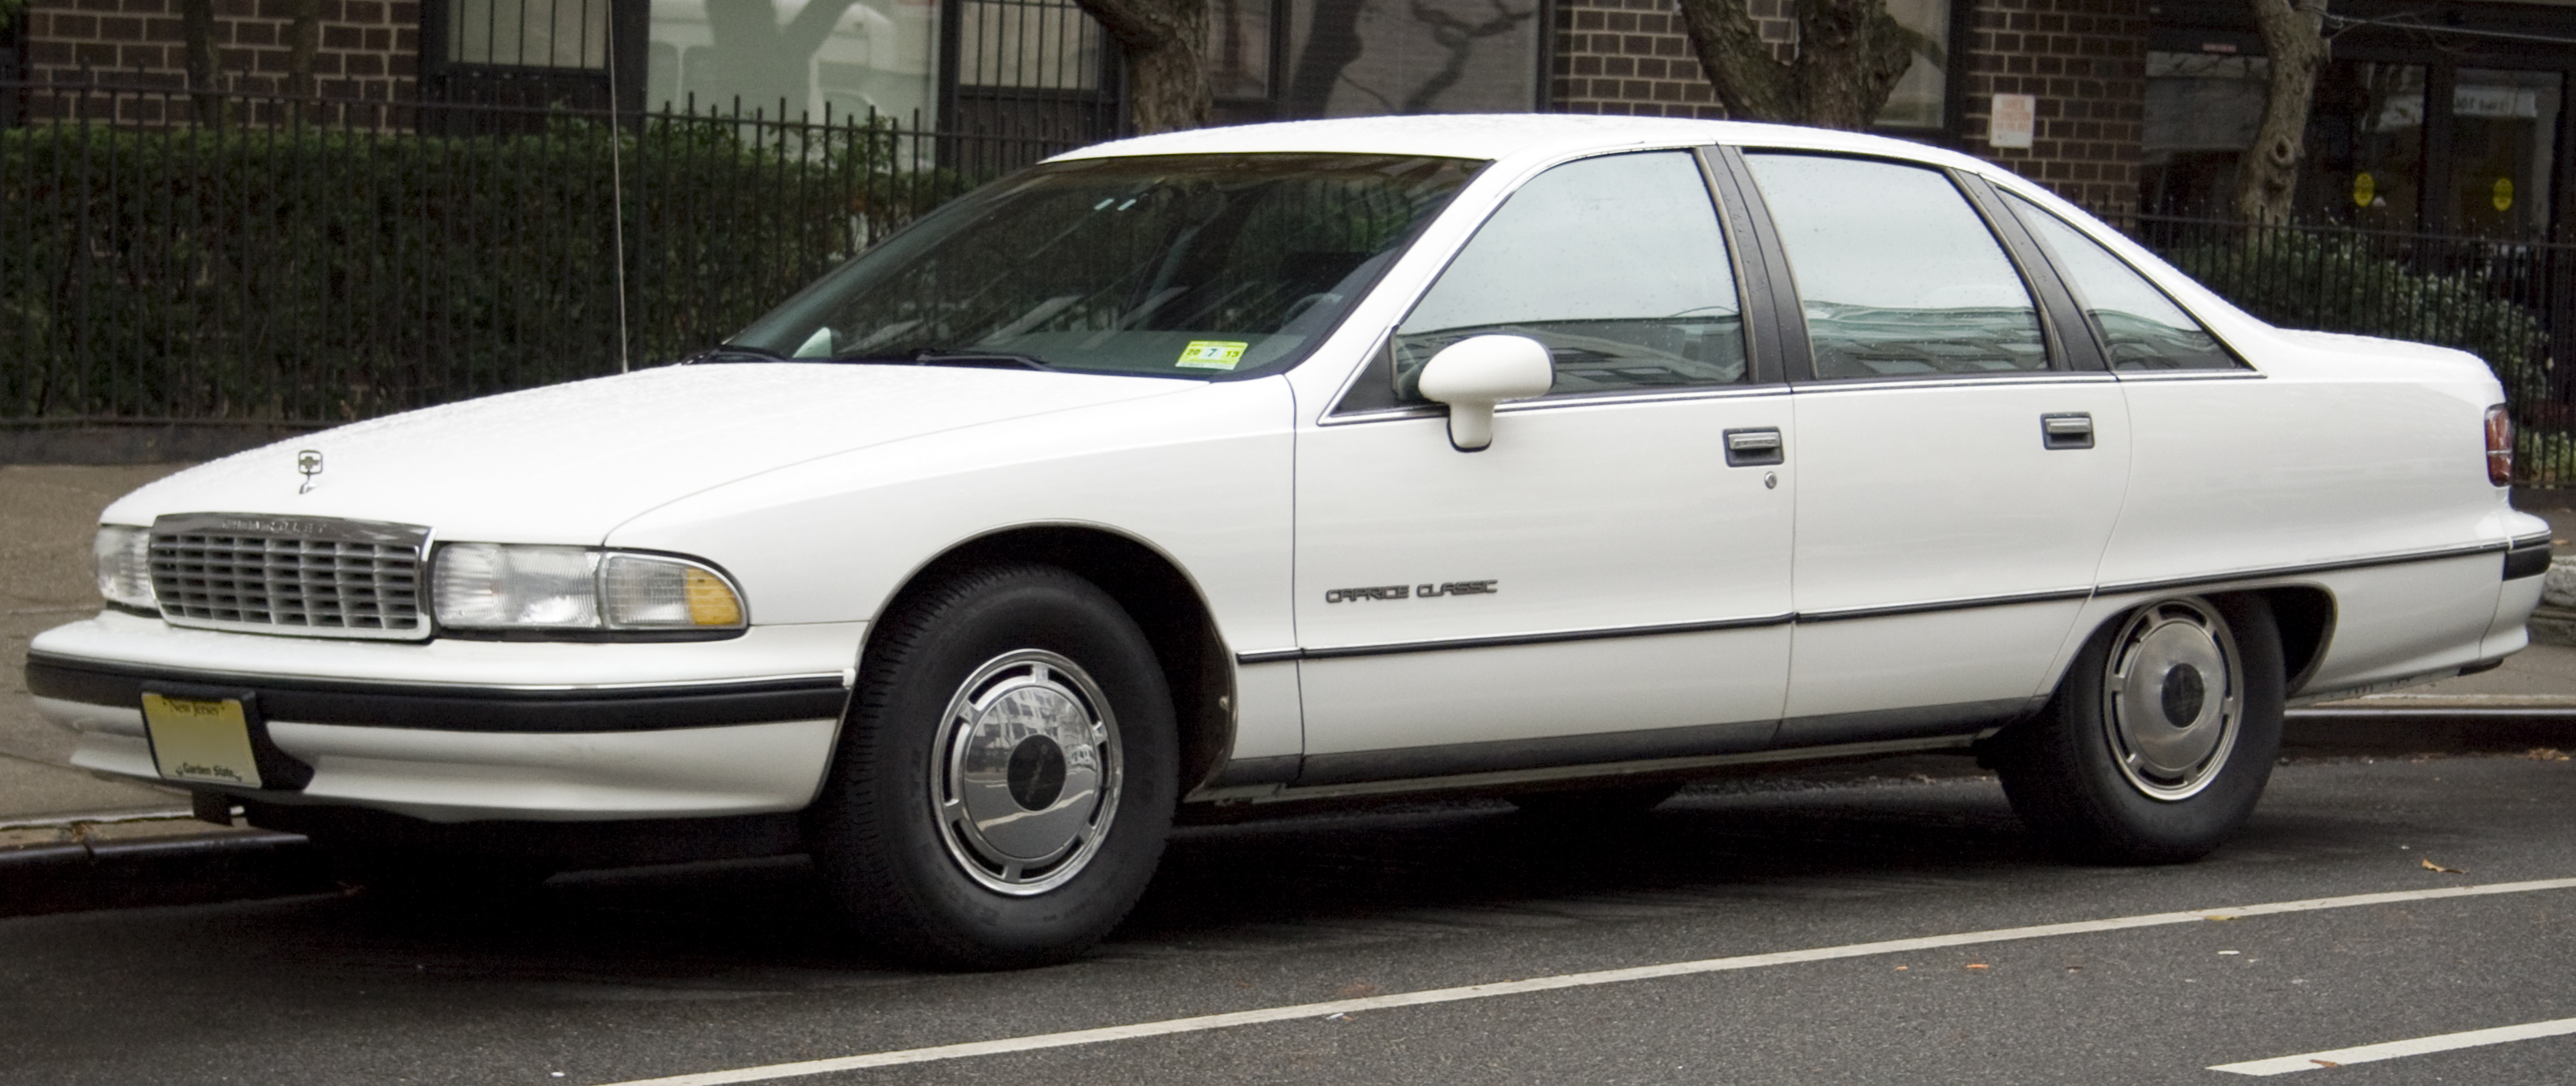 Kekurangan Chevrolet Caprice 1991 Top Model Tahun Ini